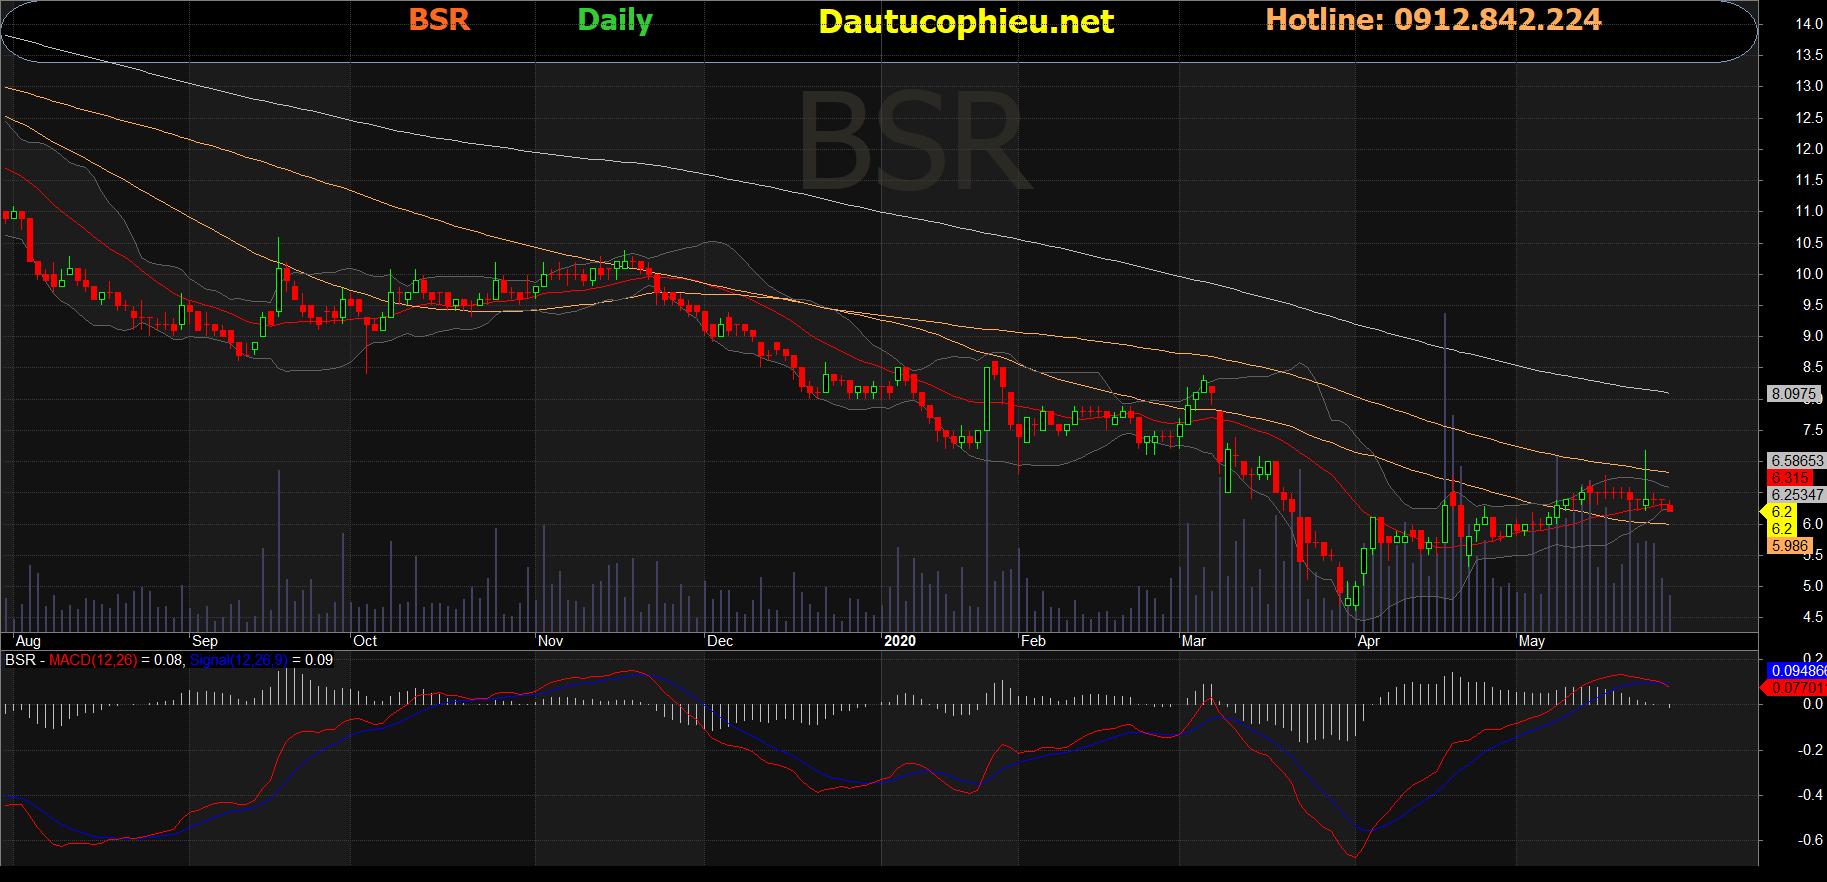 Cổ phiếu BSR